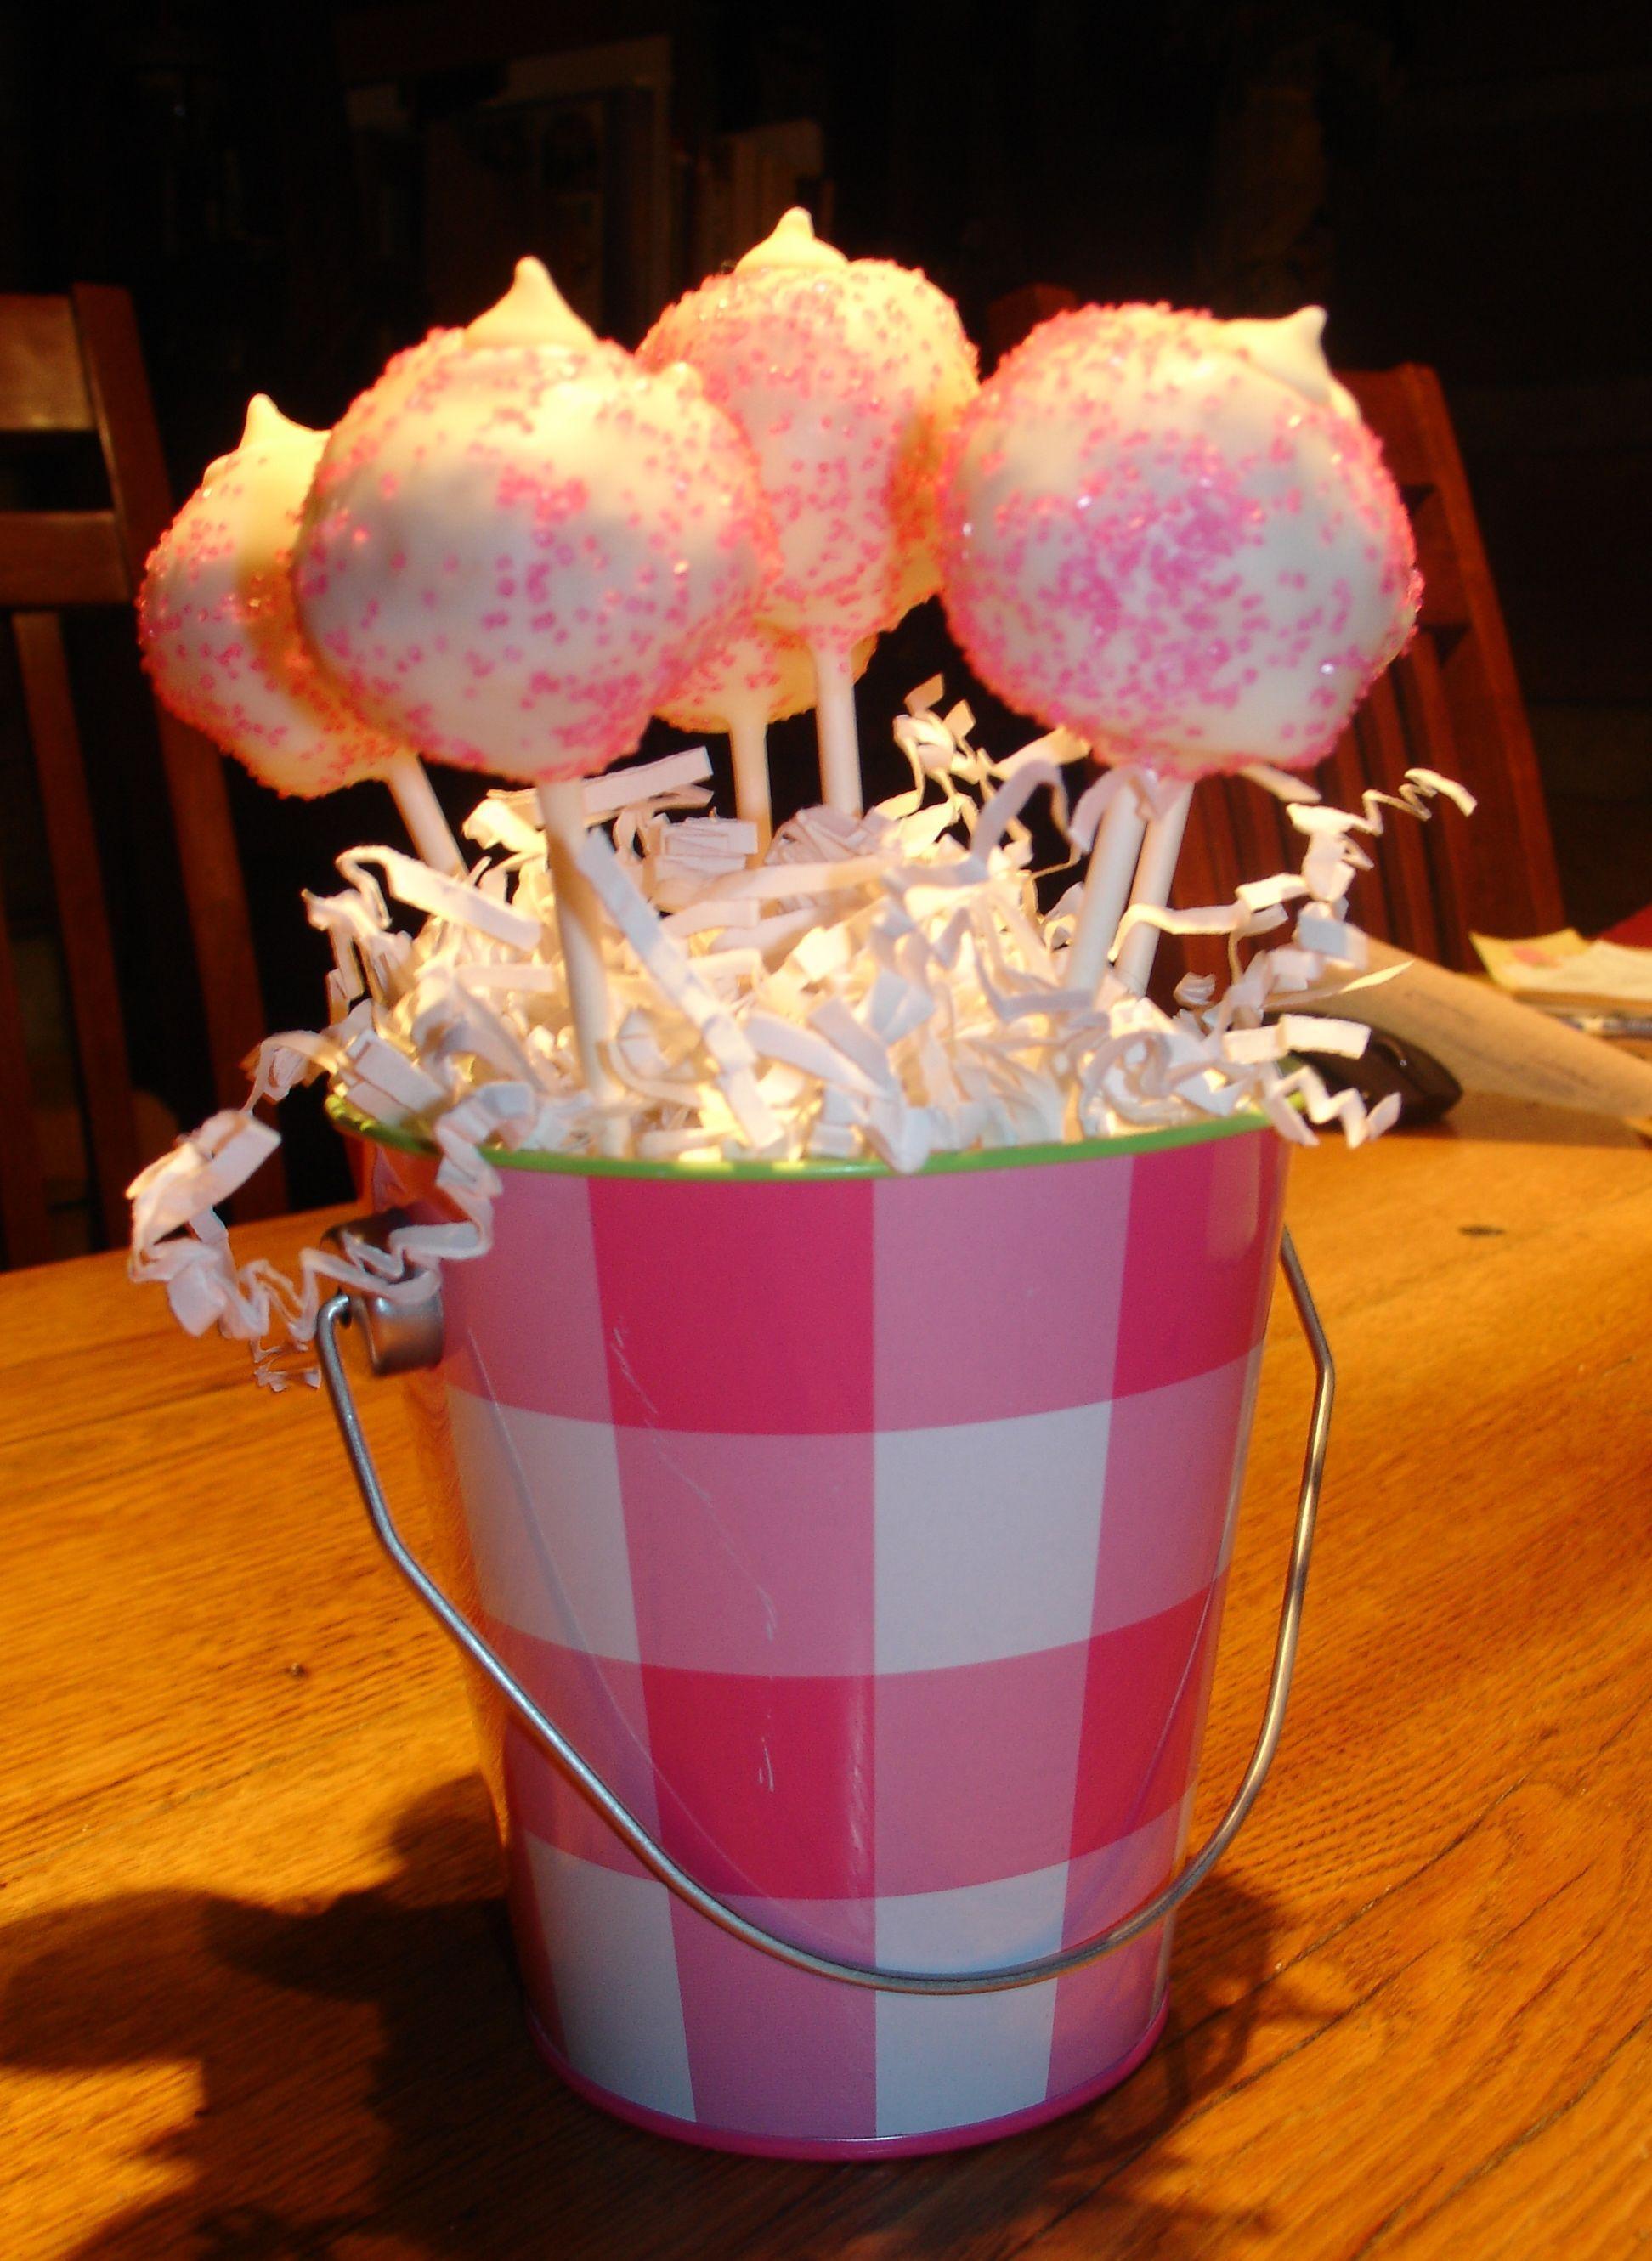 Cake Pop Bouquet #cakepopbouquet Cake Pop Bouquet #cakepopbouquet Cake Pop Bouquet #cakepopbouquet Cake Pop Bouquet #cakepopbouquet Cake Pop Bouquet #cakepopbouquet Cake Pop Bouquet #cakepopbouquet Cake Pop Bouquet #cakepopbouquet Cake Pop Bouquet #cakepopbouquet